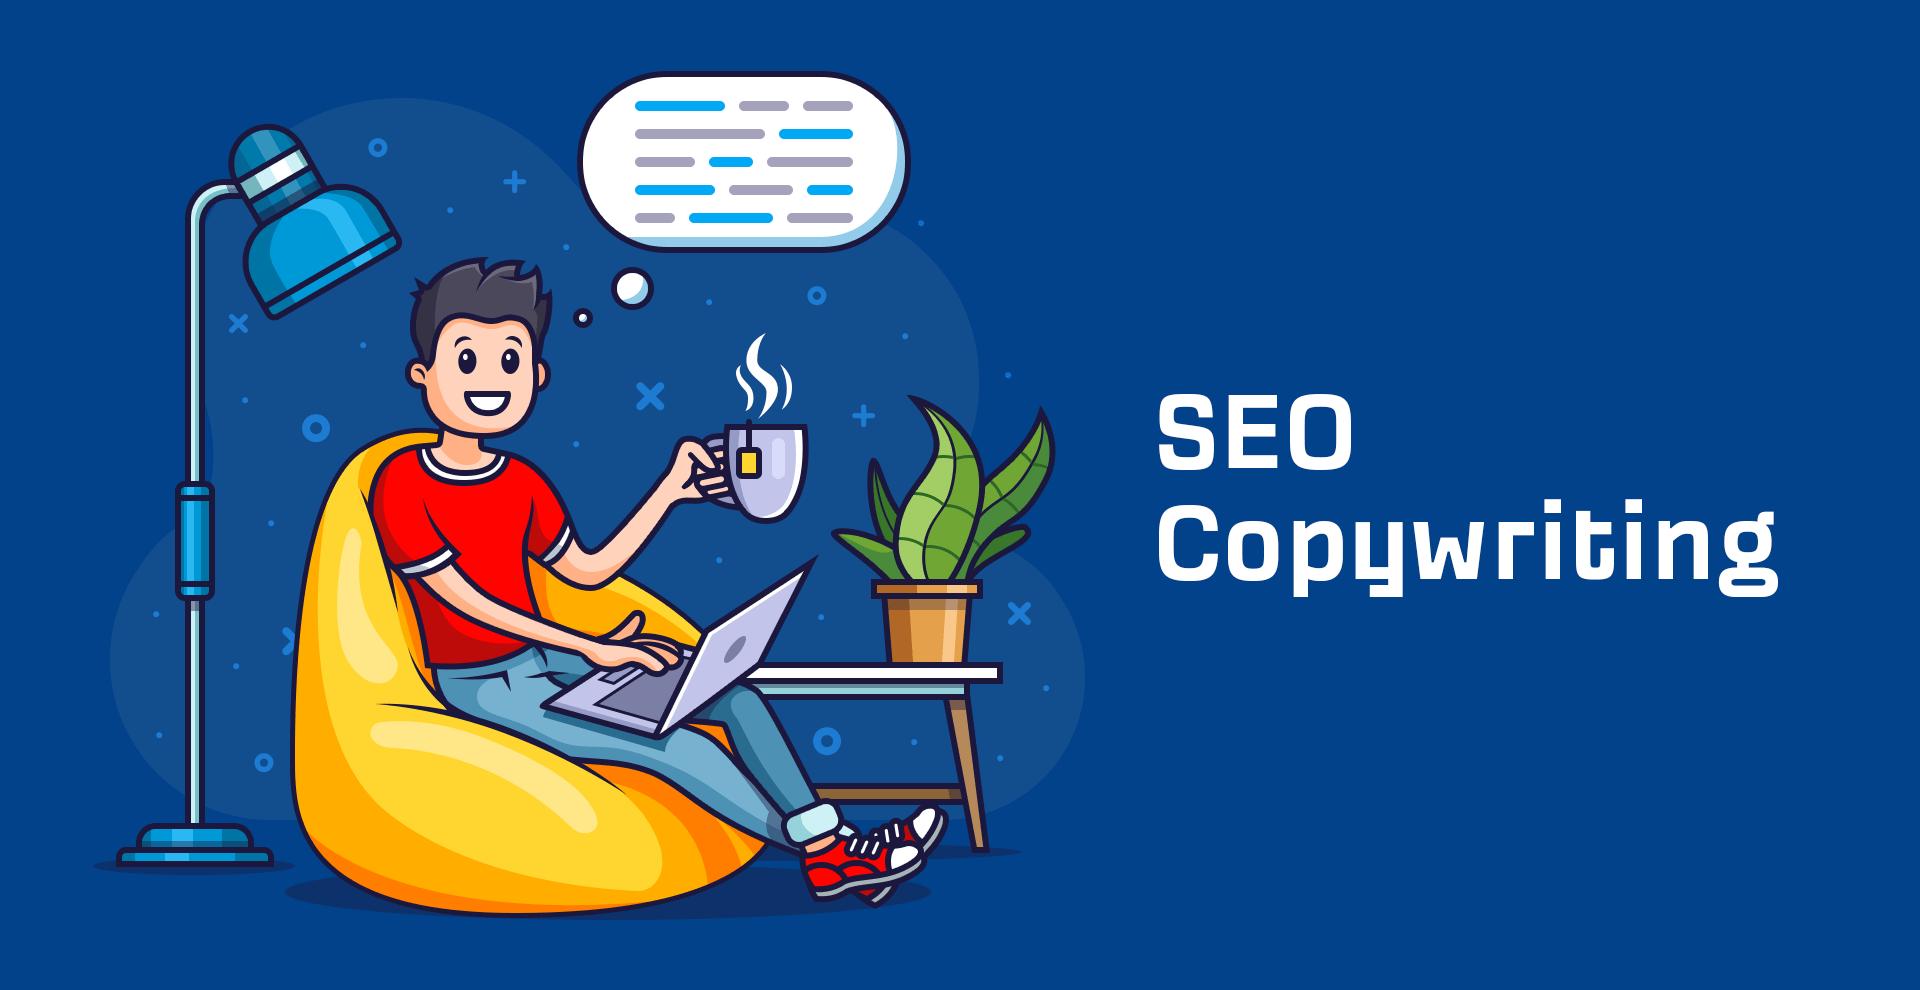 fb-seo-copywriti